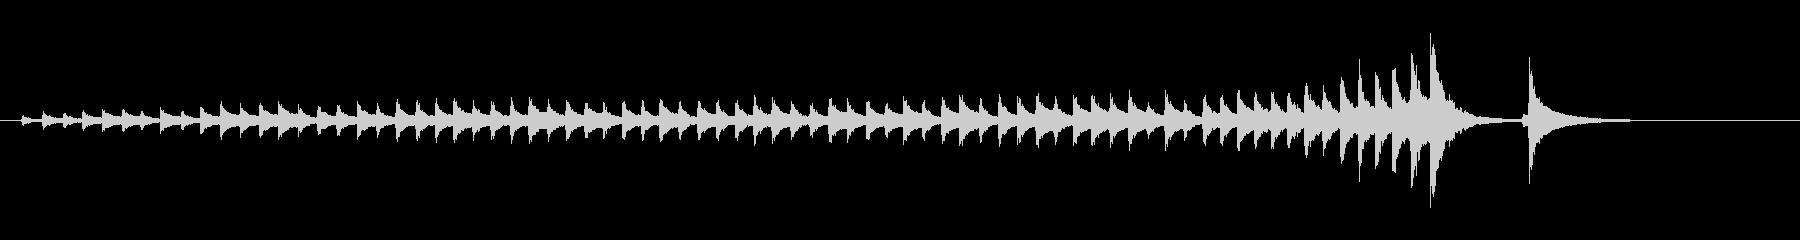 大太鼓16水音歌舞伎情景描写和風和太鼓江の未再生の波形